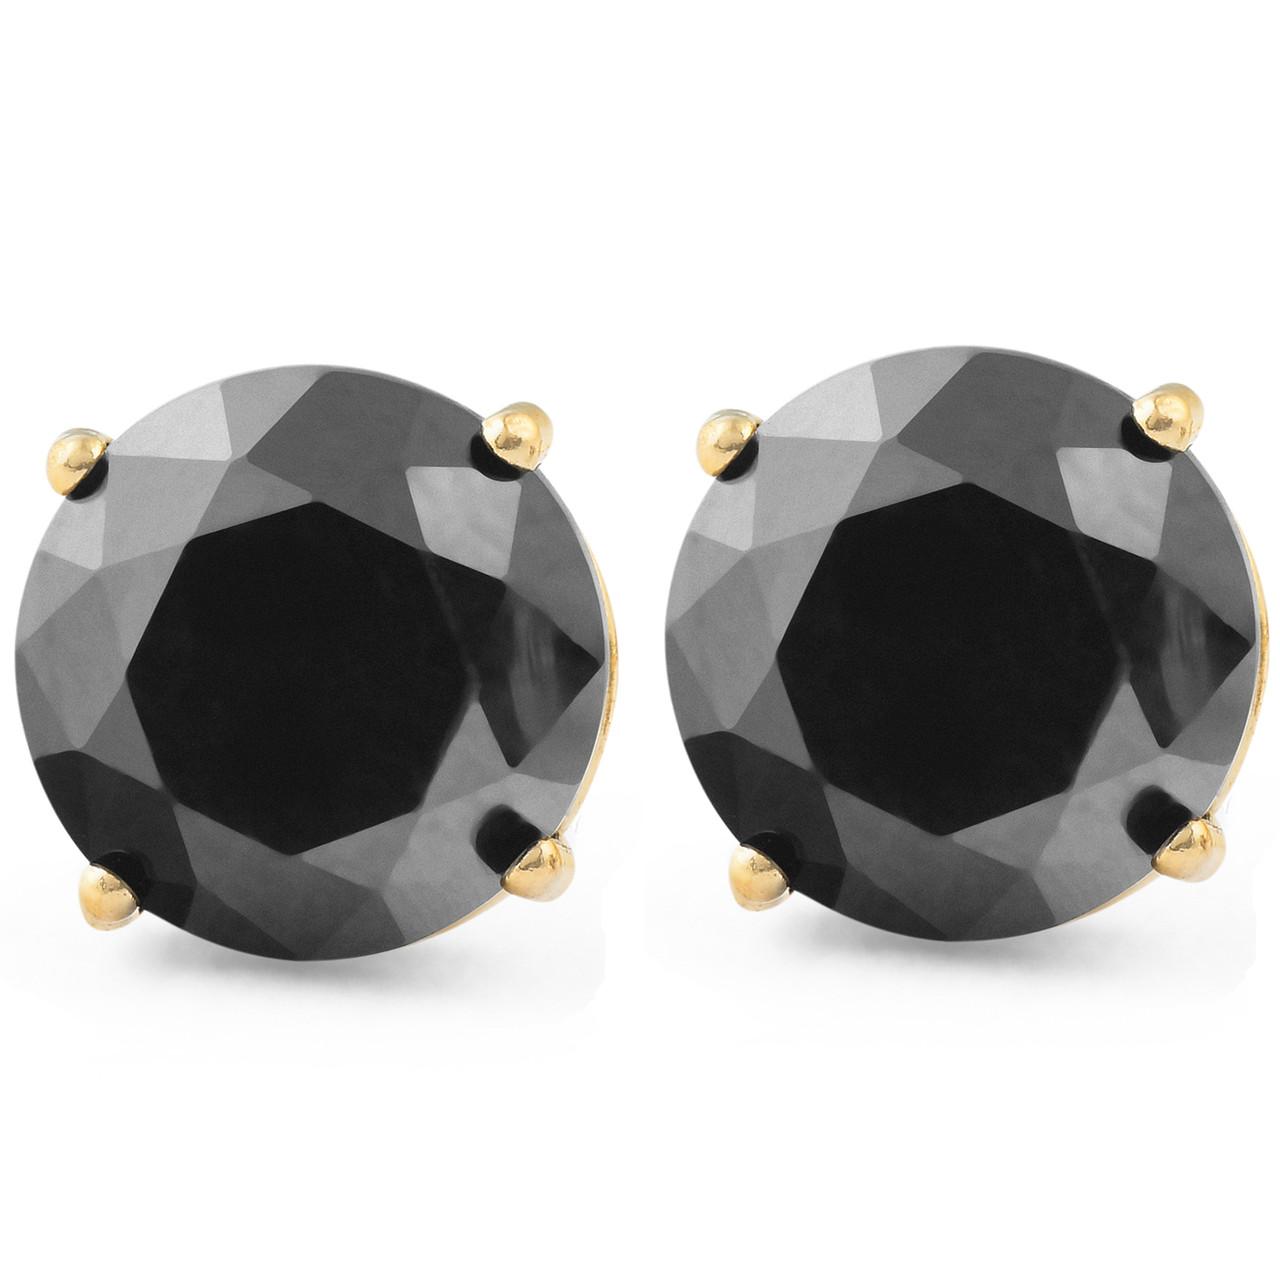 black enamel earrings black diamond earrings open diamond earrings Gold and black geometric earrings